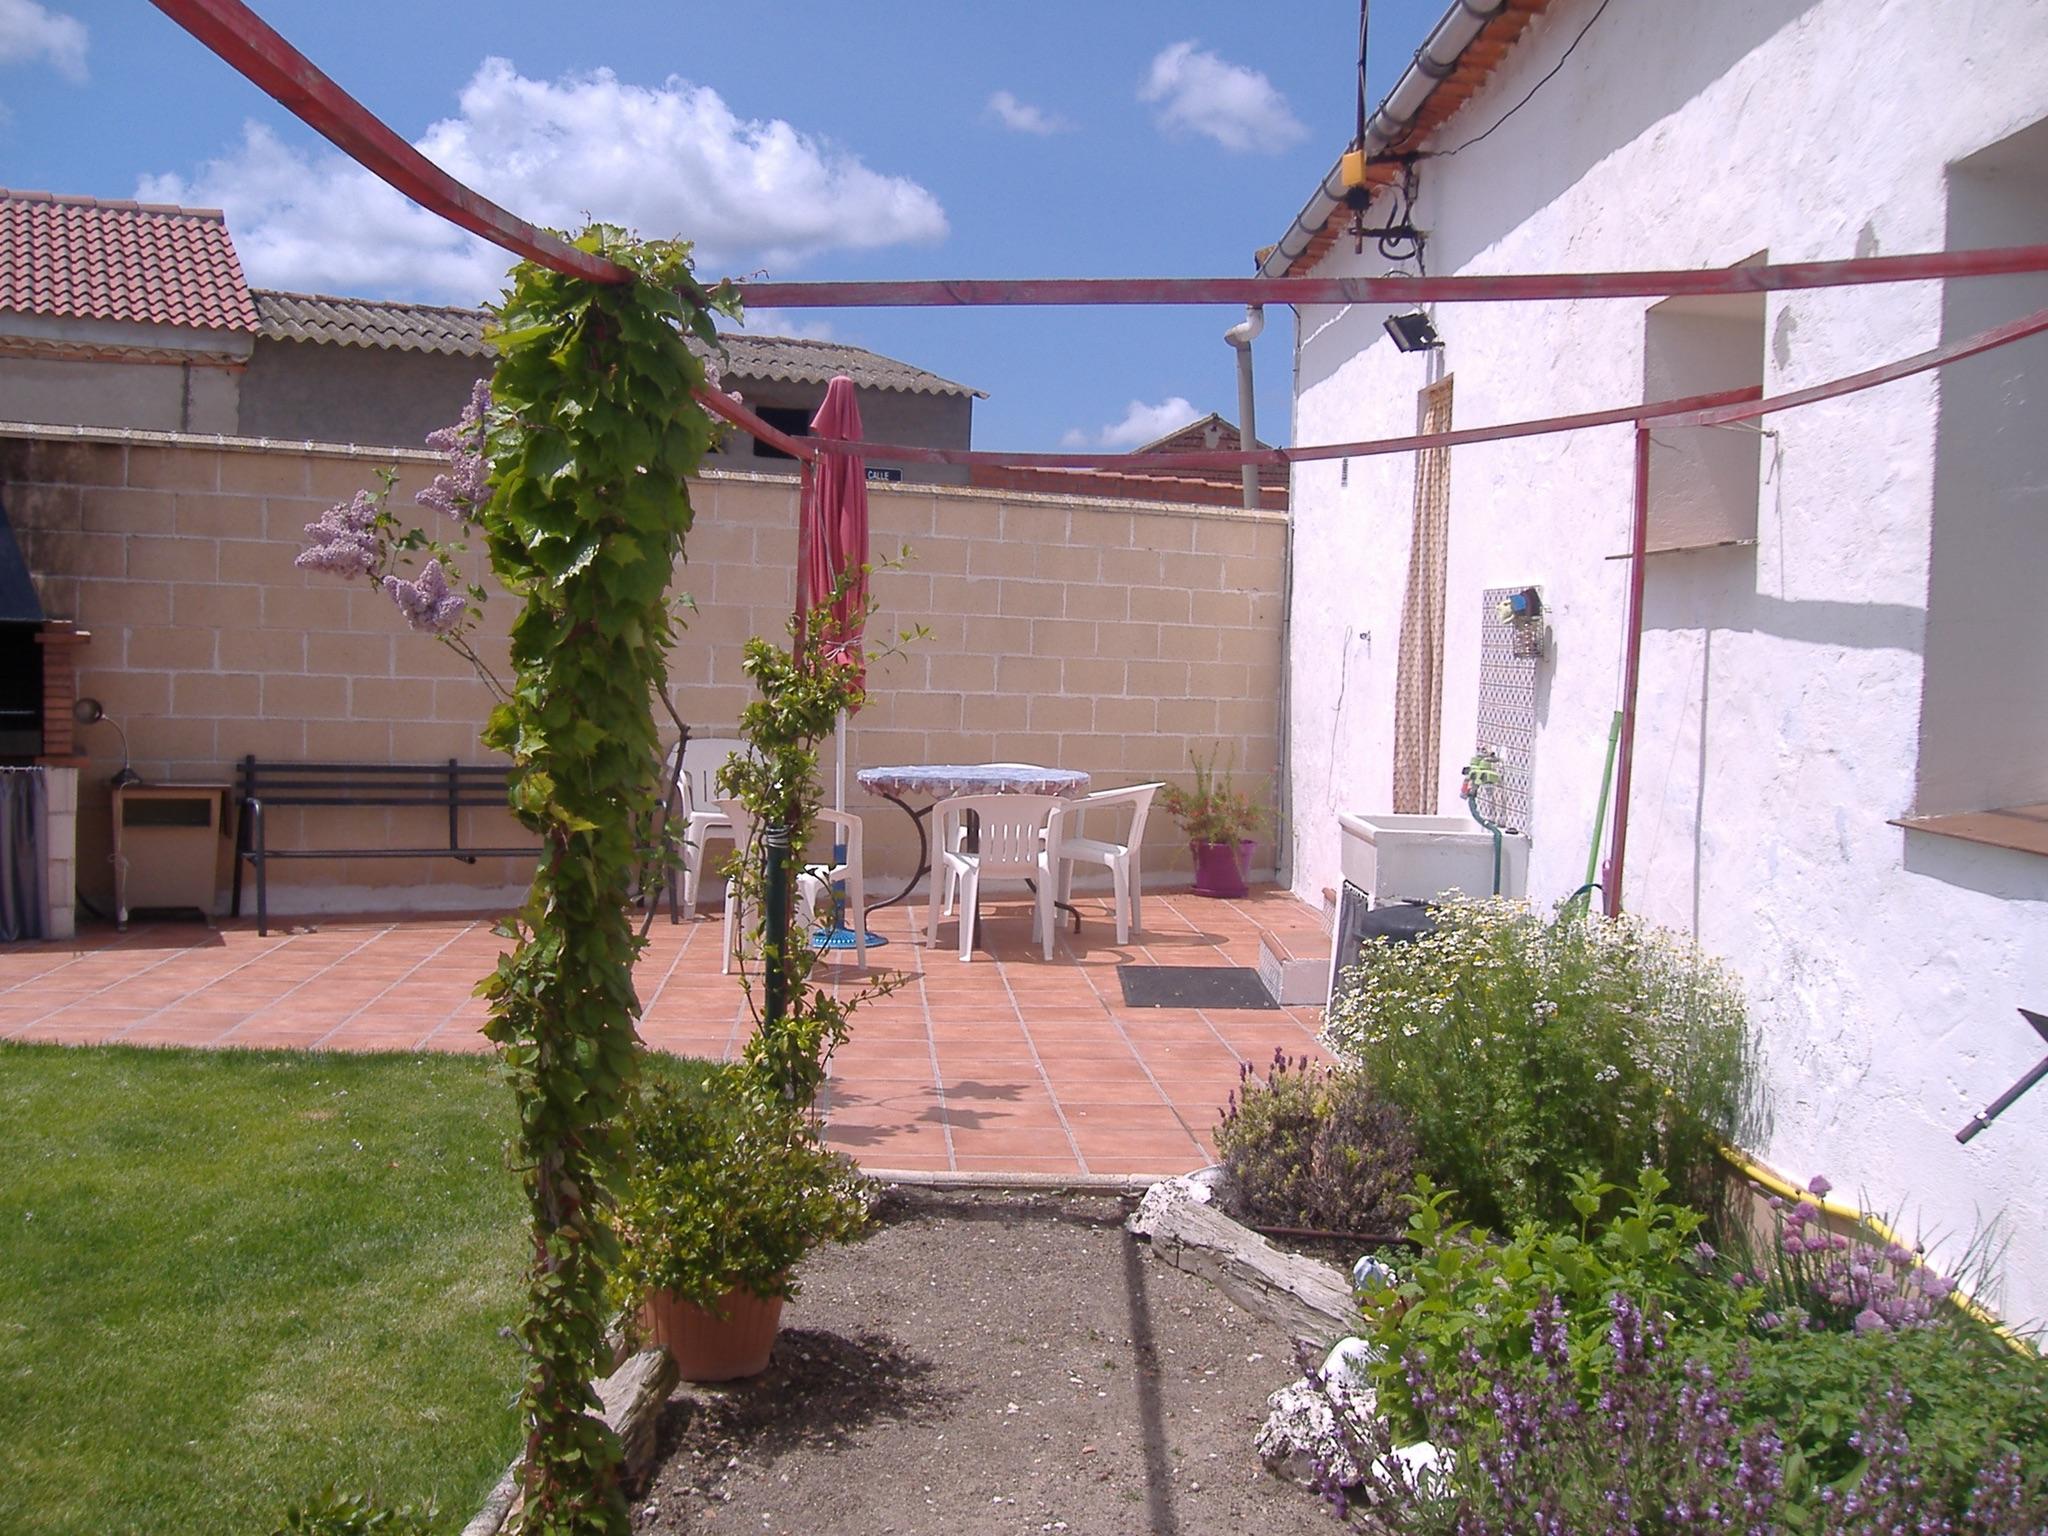 Ferienhaus Haus mit 2 Schlafzimmern in Chatún mit privatem Pool, eingezäuntem Garten und W-LAN (2201405), Chatun, Segovia, Kastilien-León, Spanien, Bild 3